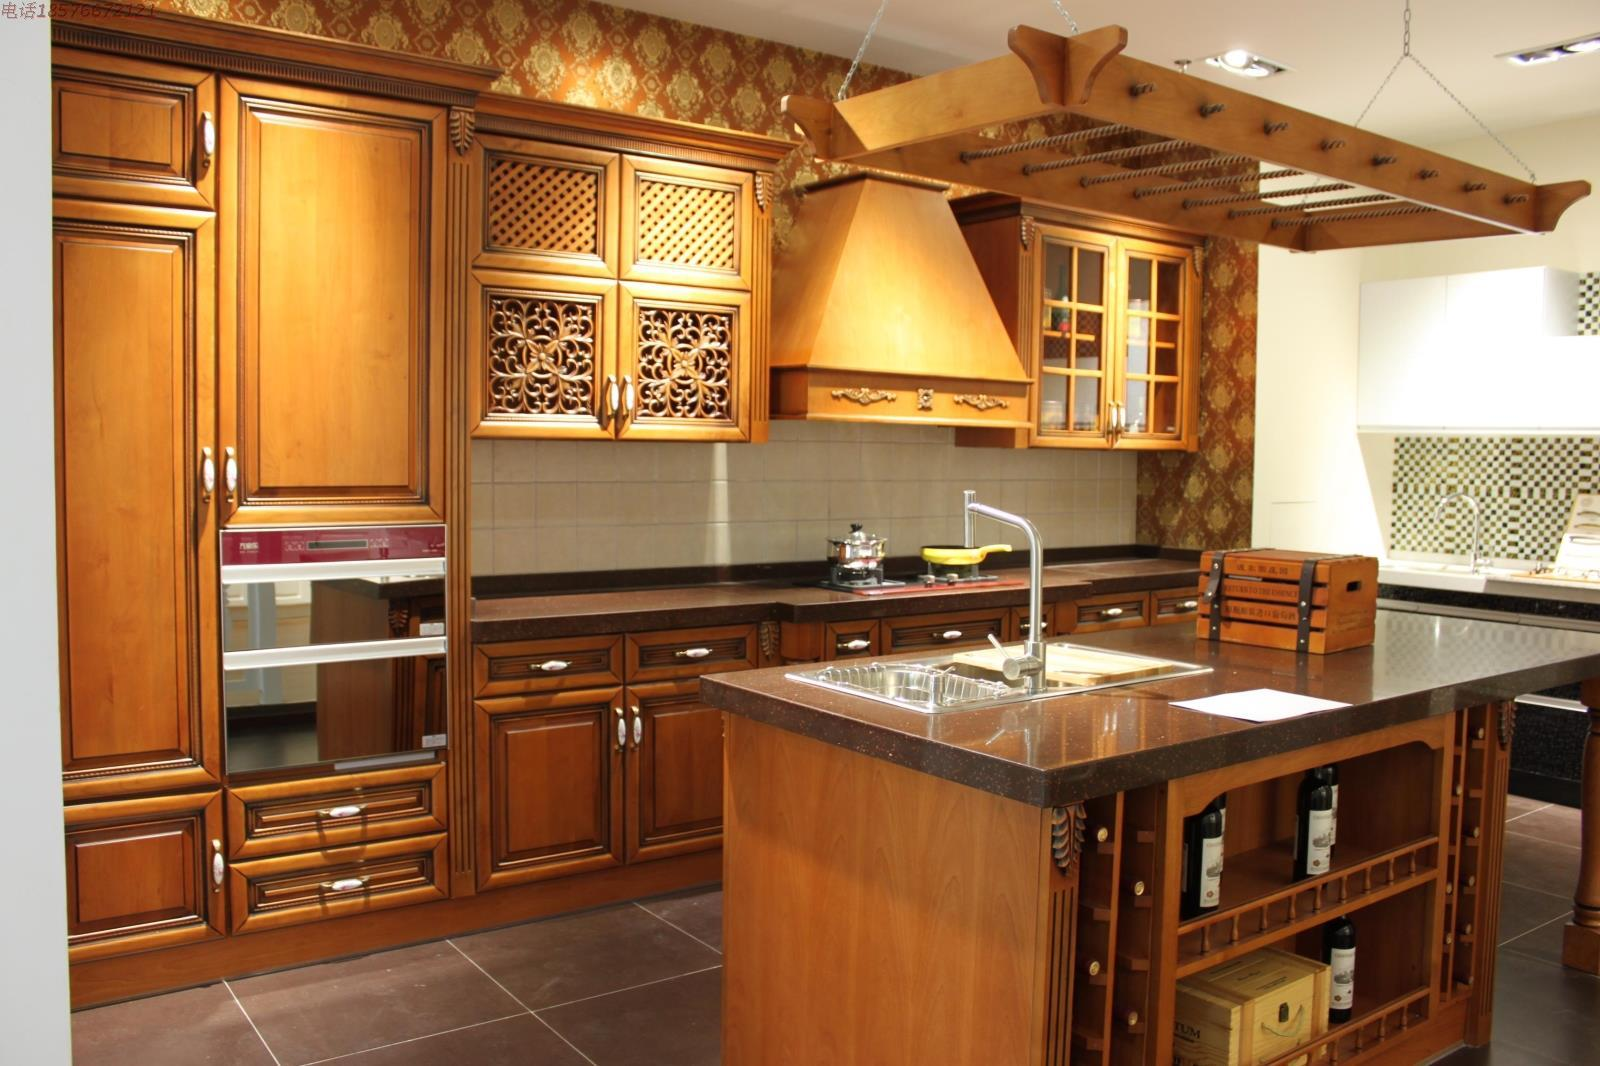 Tủ bếp được chăm chút đến từng chi tiết làm nổi bật sự sang trọng của không gian